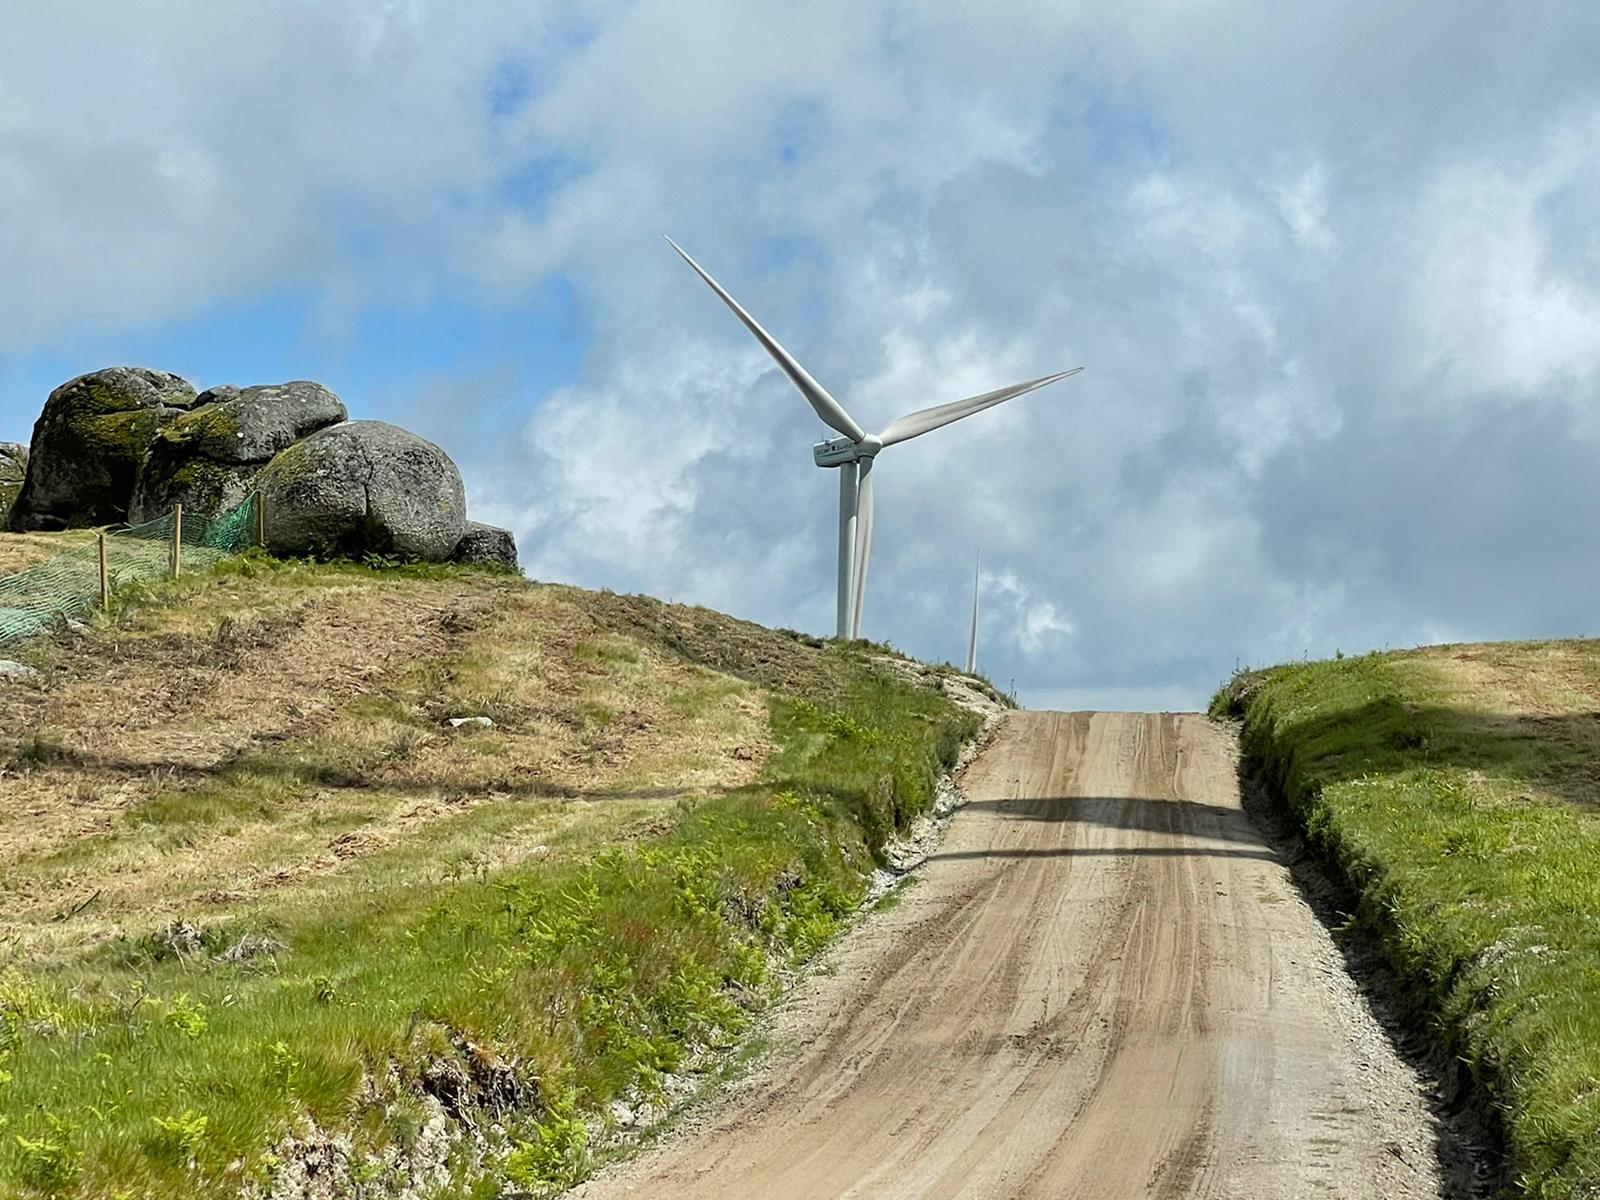 WRC: 54º Vodafone Rallye de Portugal [20-23 de Mayo] E1wohBYWUAYQeTk?format=jpg&name=large